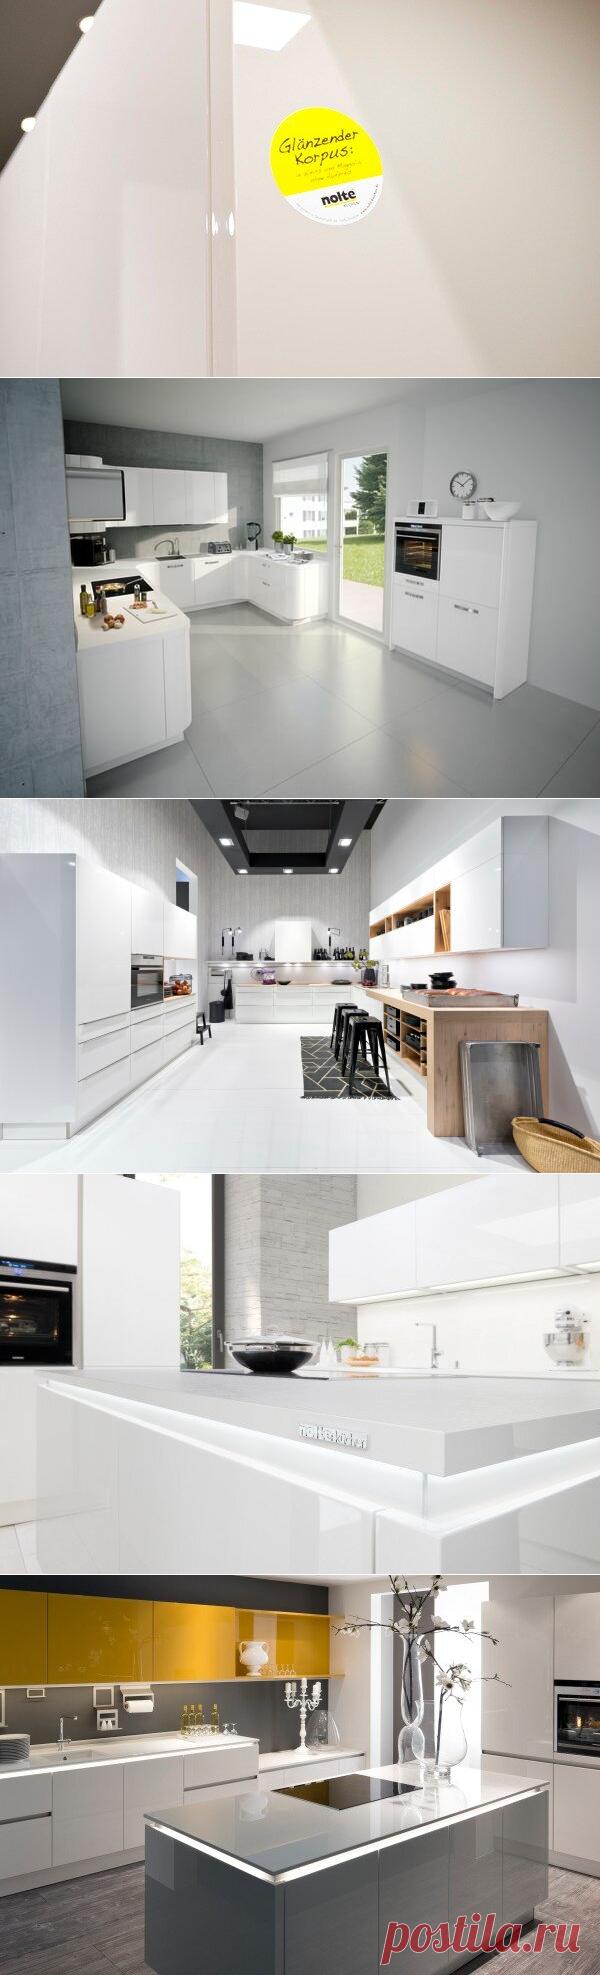 Советы дизайнеров ✅ особенности интерьера с белой глянцевой кухней | Nolte Küchen | Яндекс Дзен